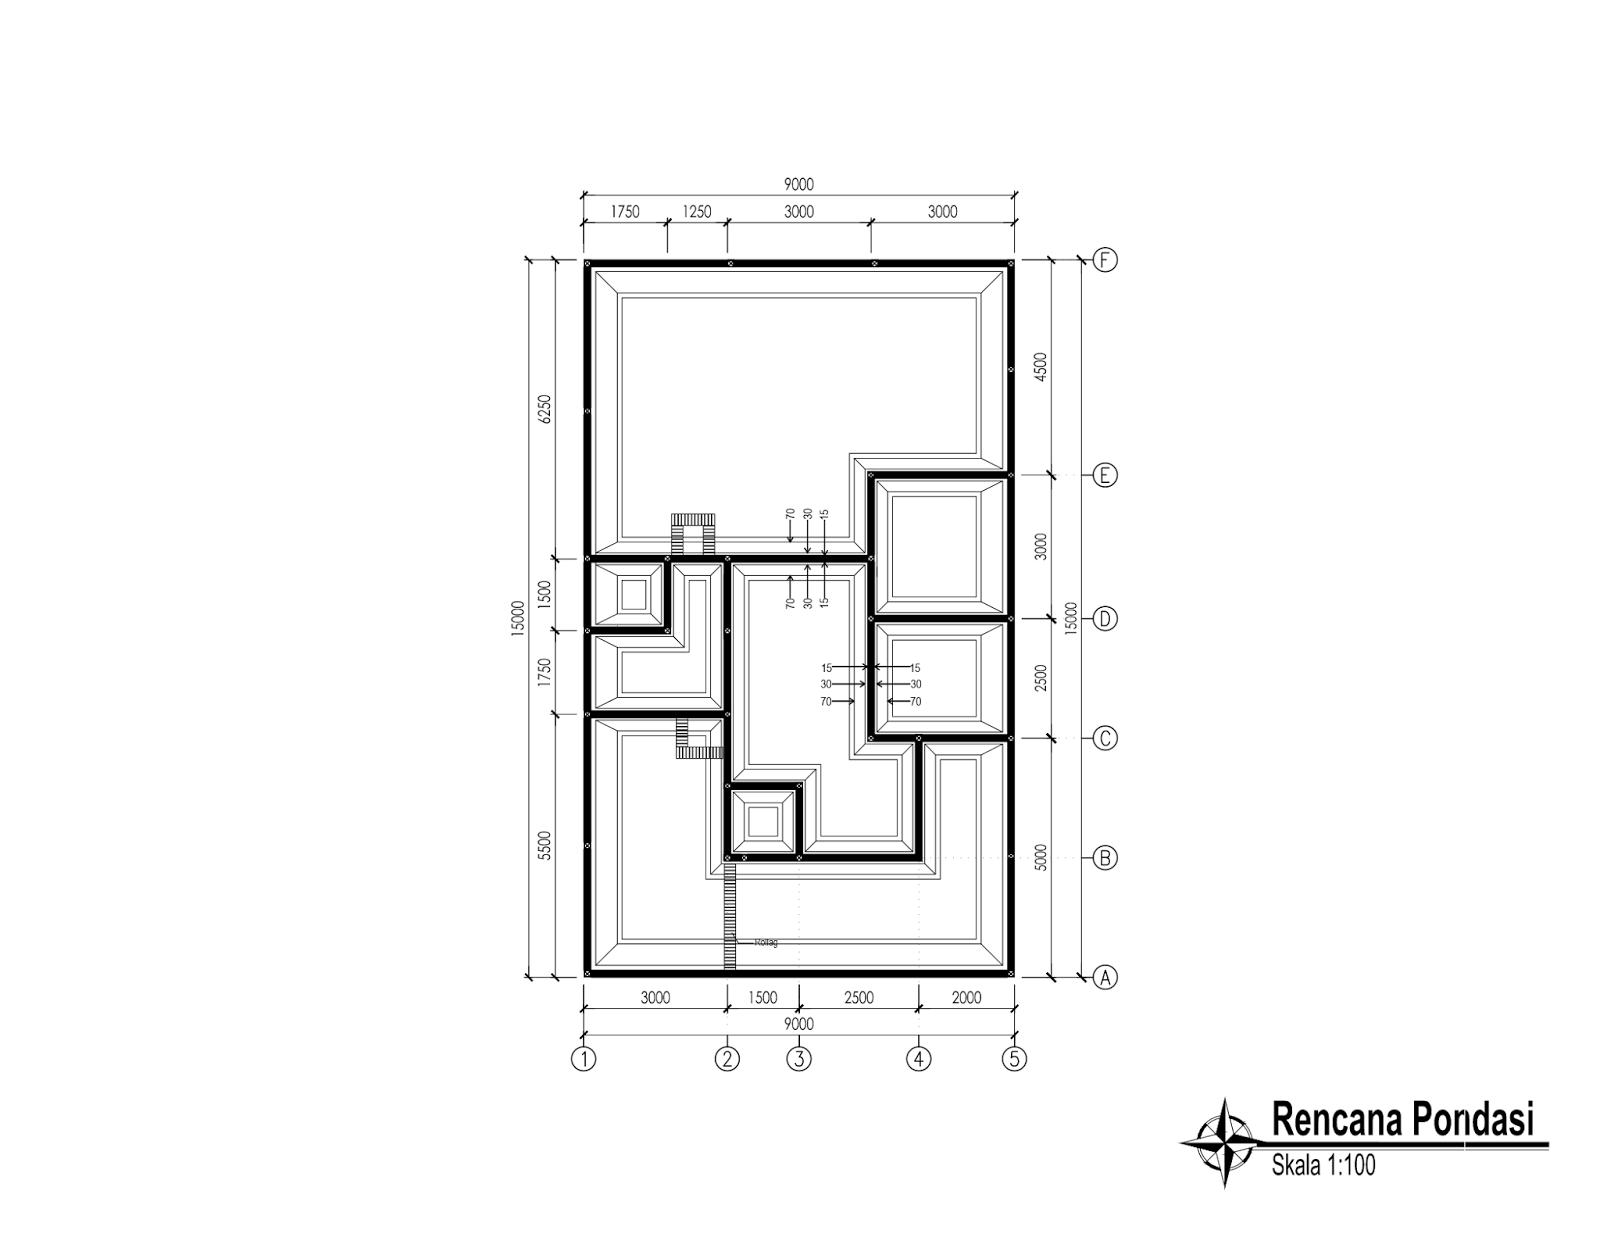 Contoh Gambar Kerja Lengkap Rumah Minimalis 1 Lantai Rumah Minimalis Denah Rumah Rumah